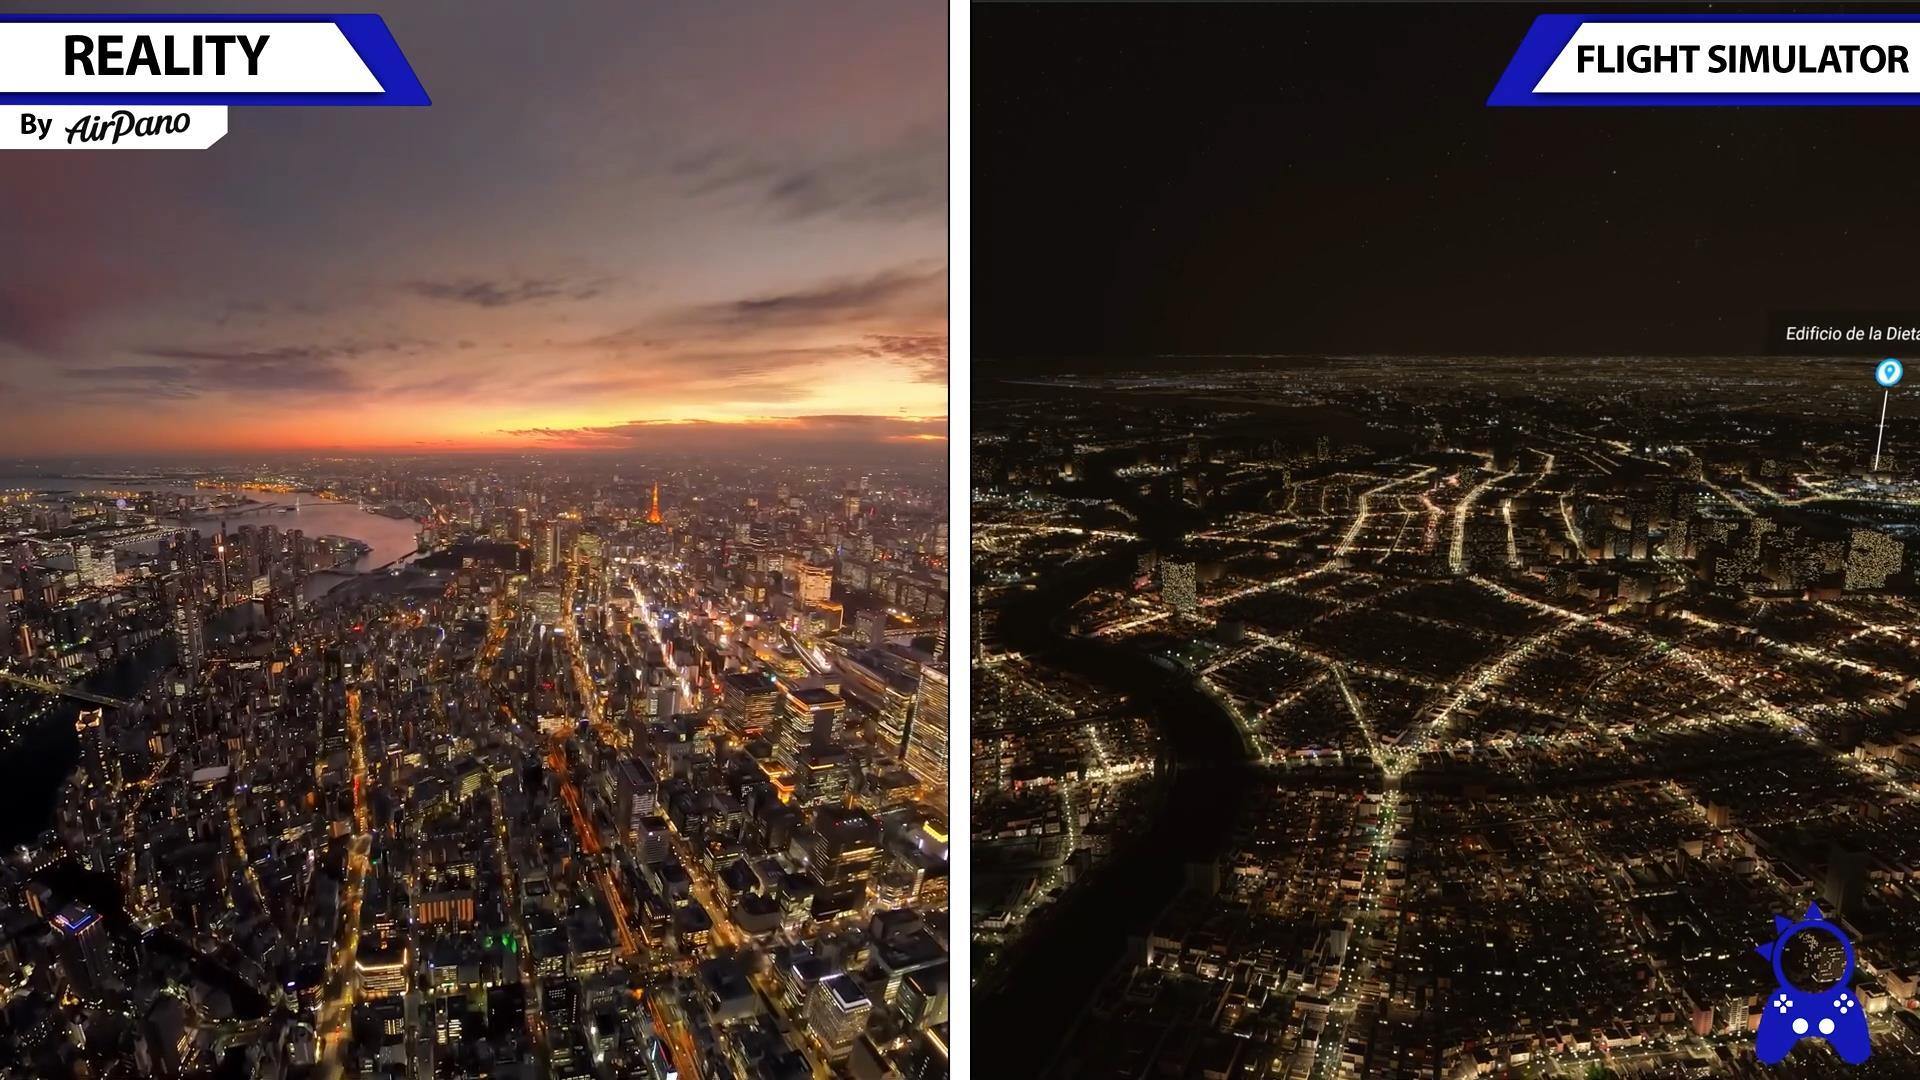 《微软飞行模拟》游戏画面对比现实场景 高度还原 (5)